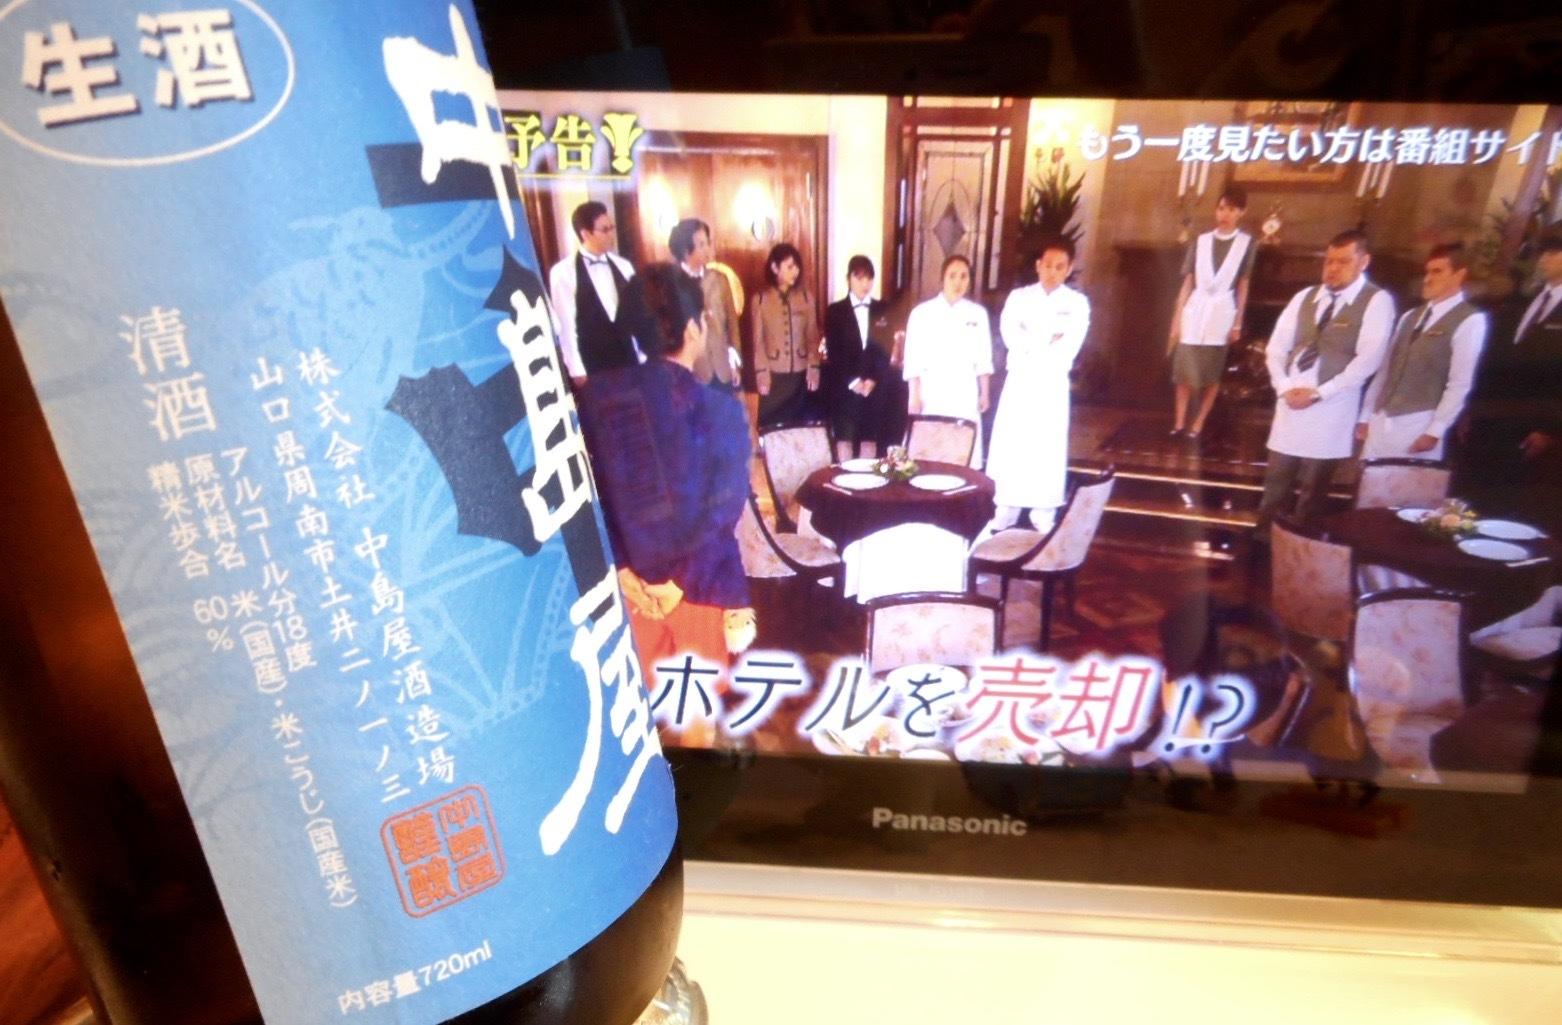 崖っぷちホテル浜辺美波フロント係コスプレ第7話